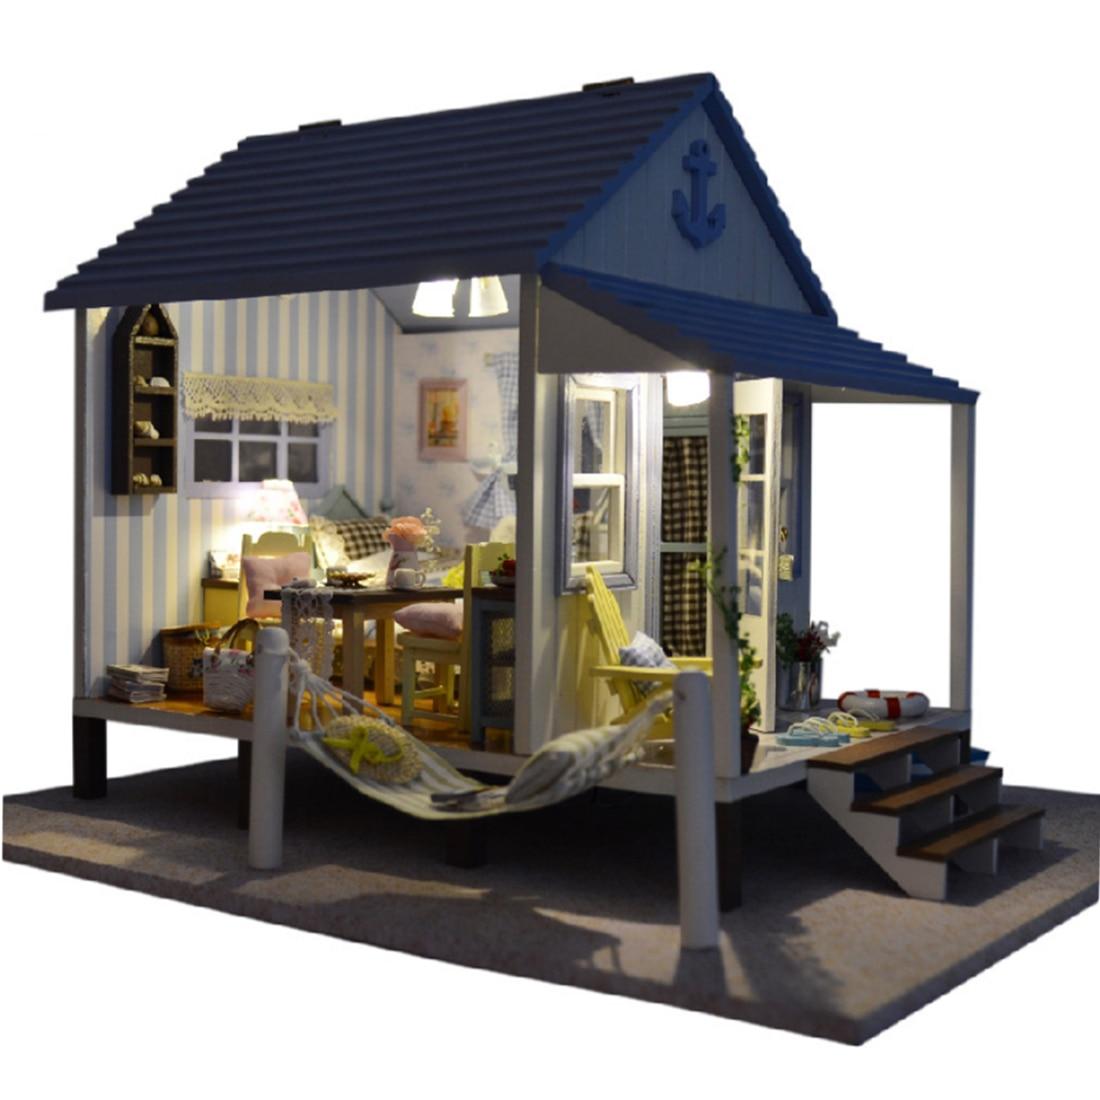 Intéressant maison Happy Coast 3D assemblage bricolage ménage créatif chambre cadeaux de noël jouets pour enfants